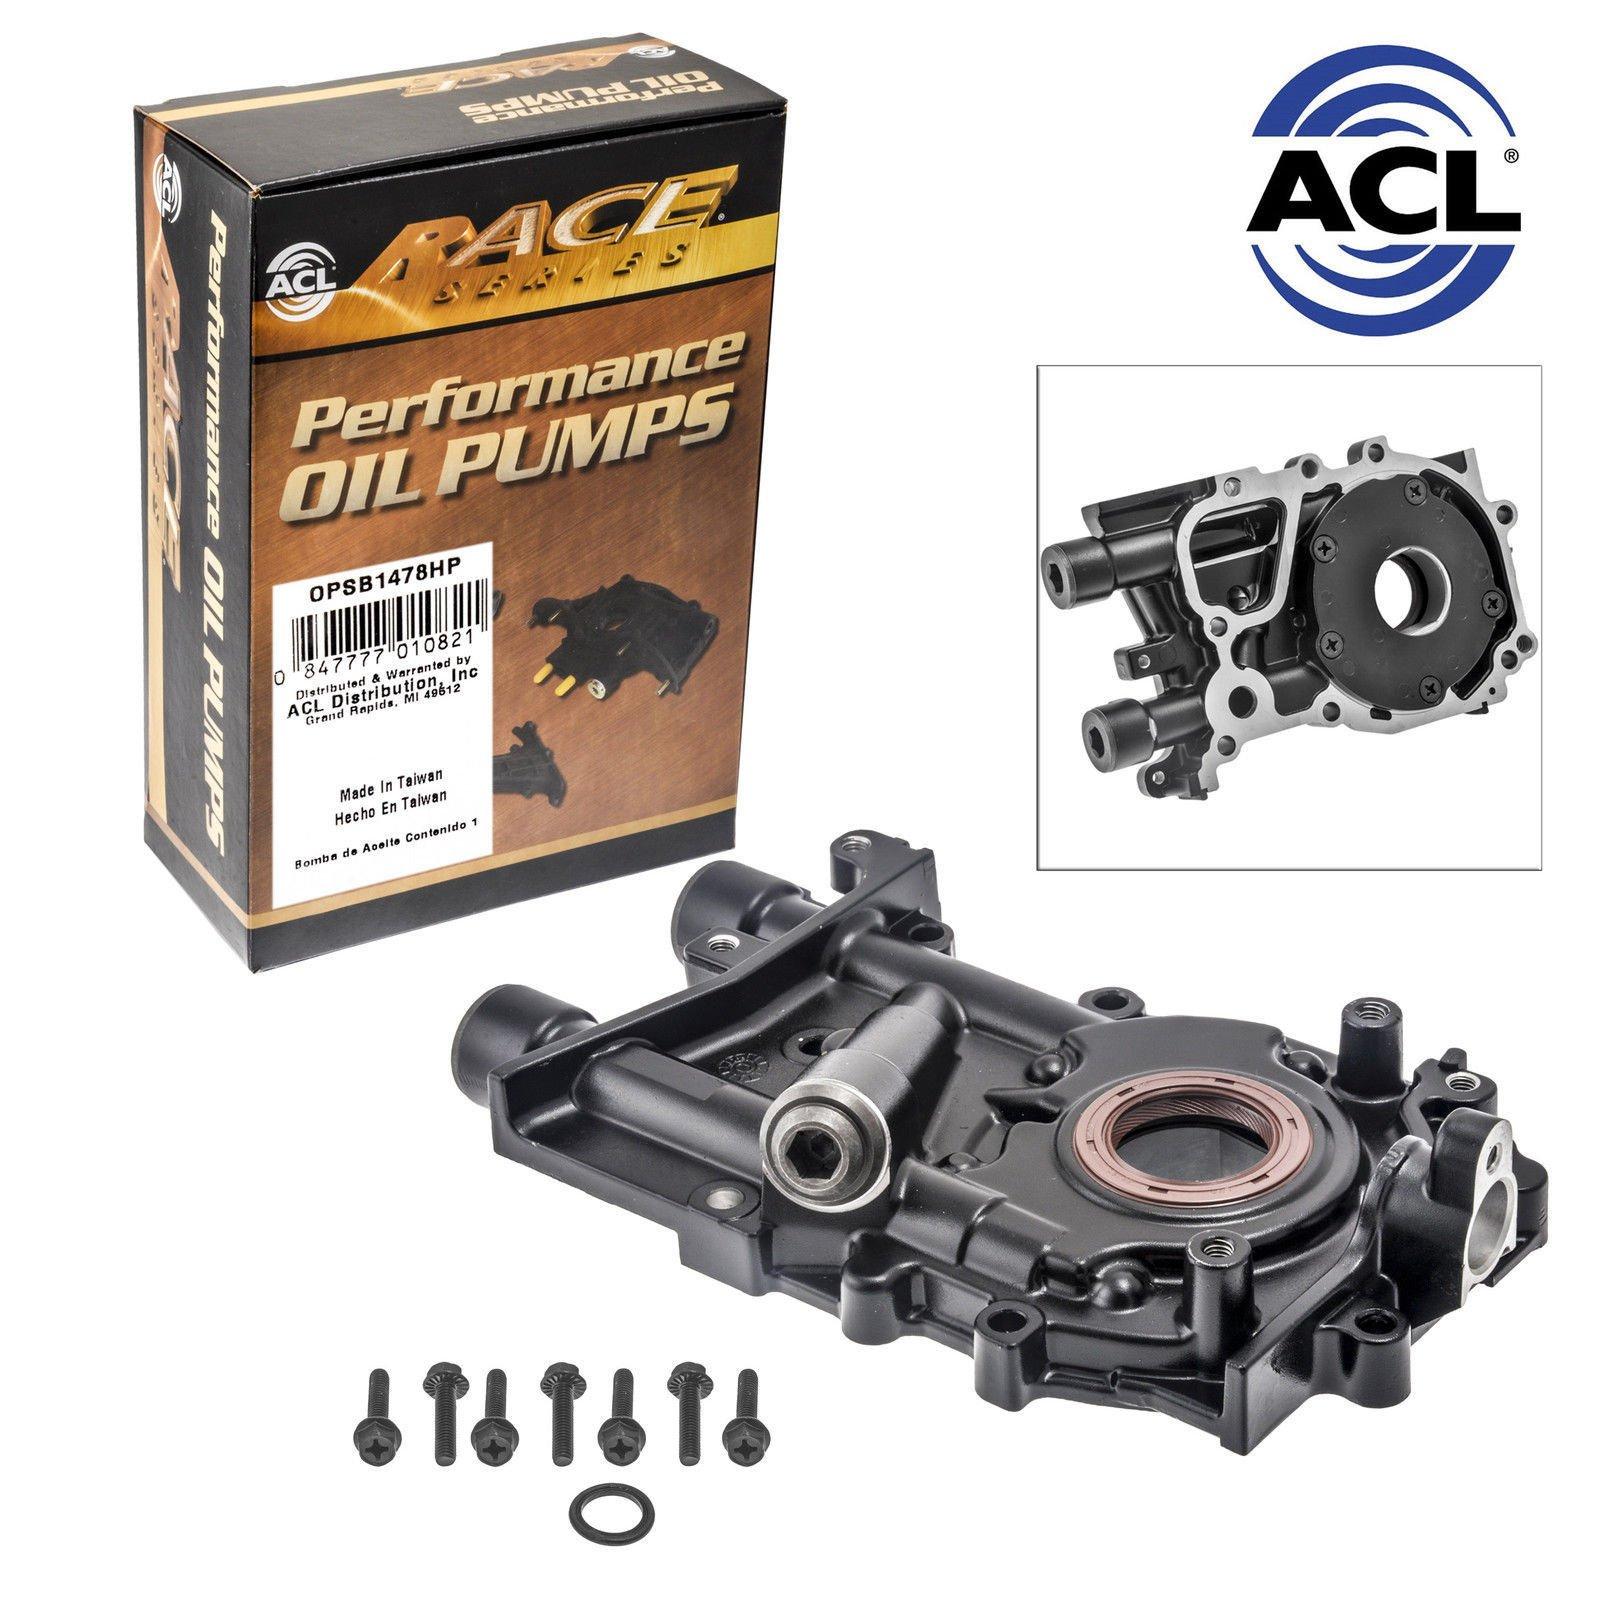 ACL/Orbit Racing Peformance Oil Pump for Subaru WRX STI EJ20 EJ22 EJ25 EJ257 (Subaru EJ Series) by Falcon Performance